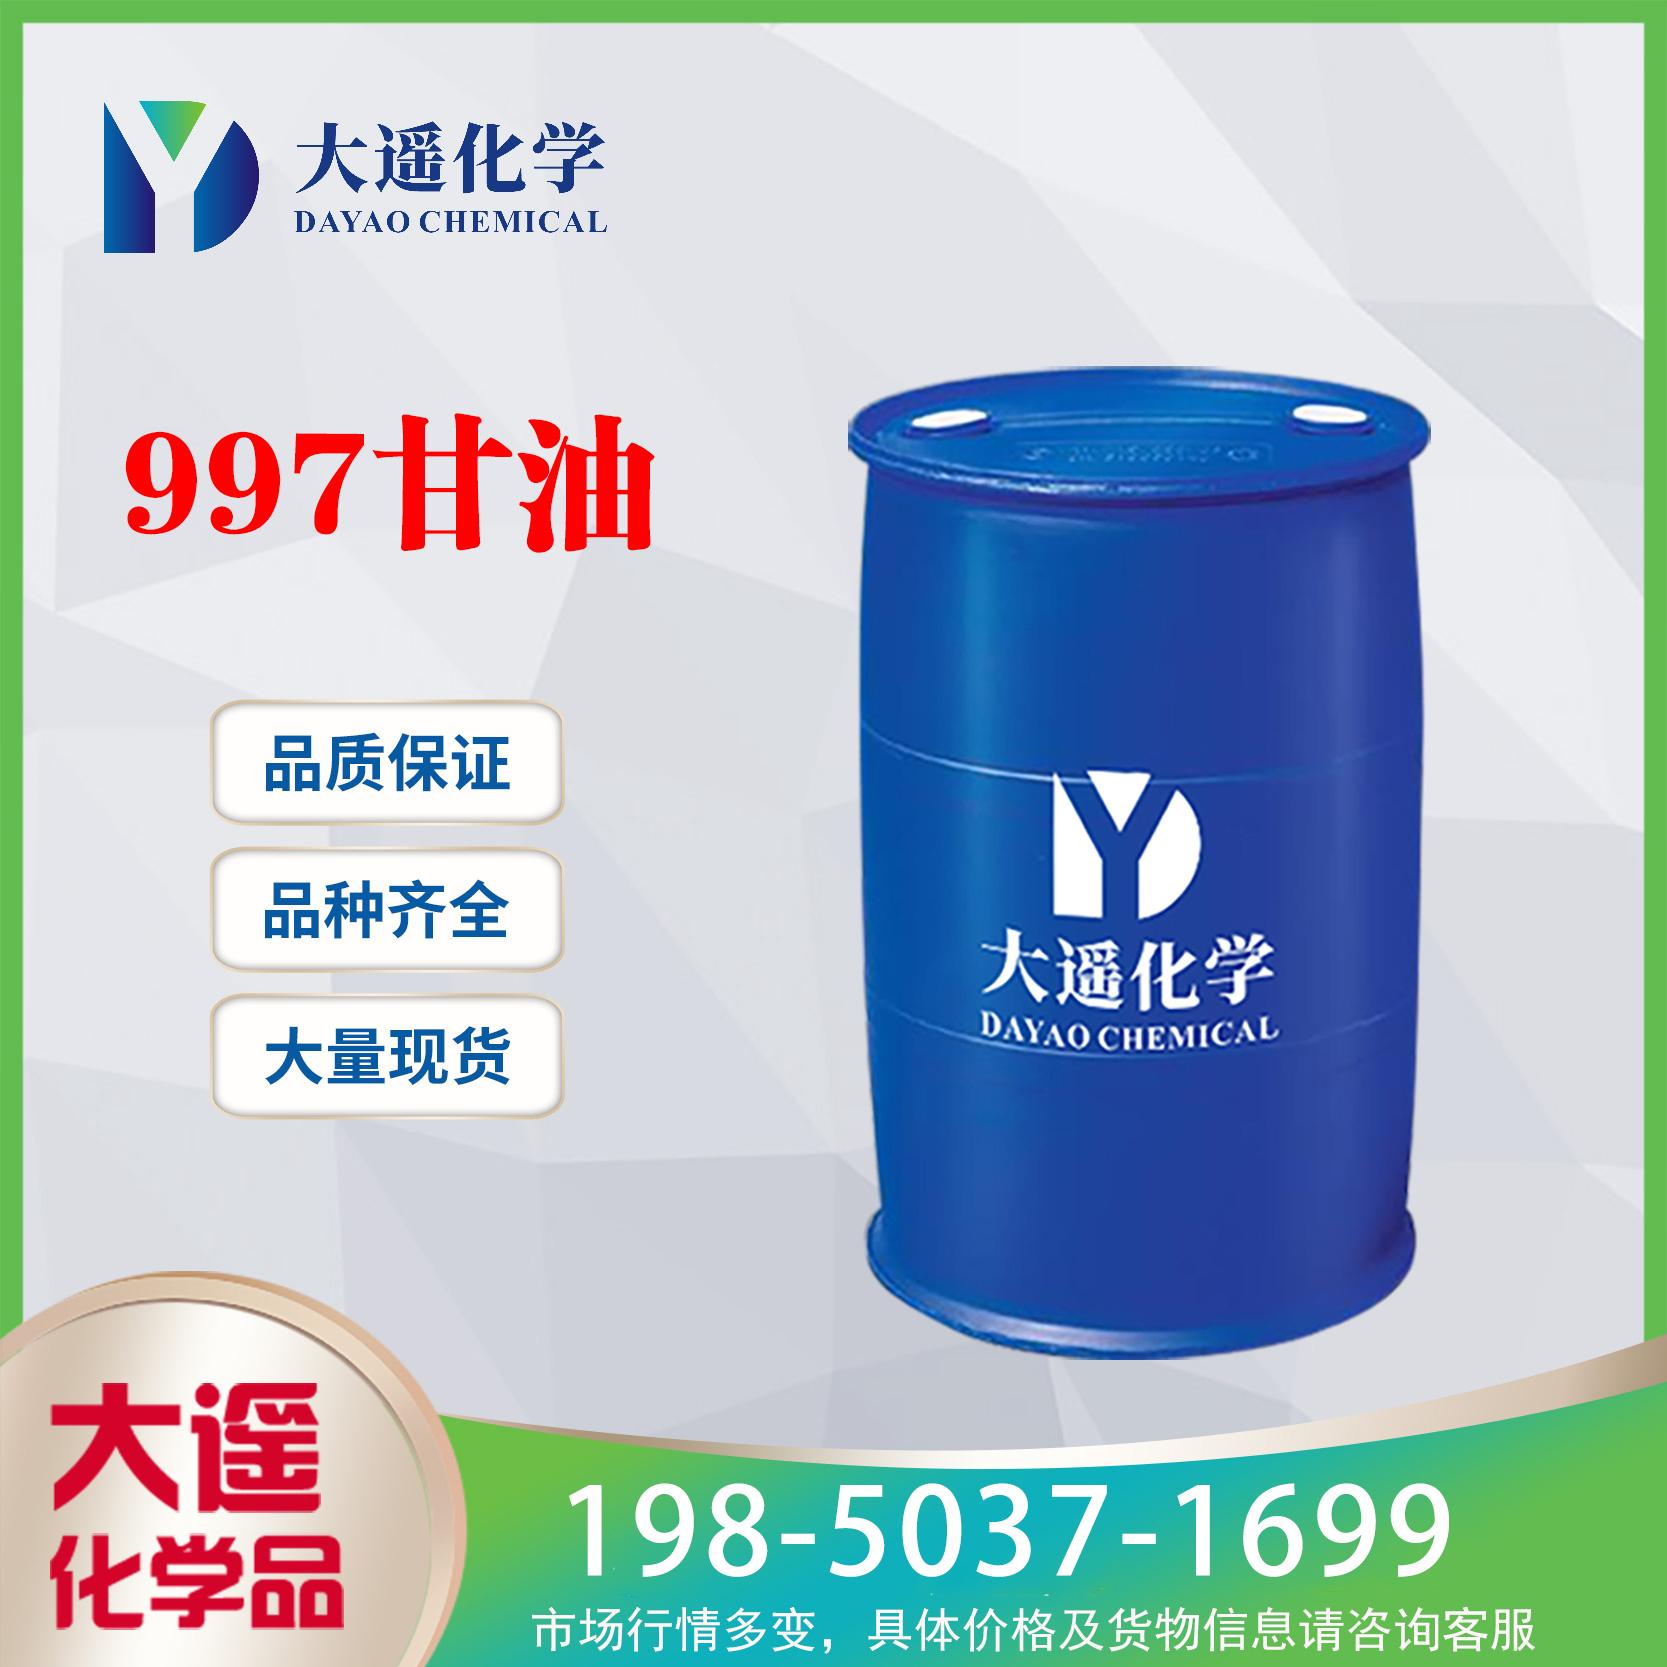 现货供应 绿宝甘油 997精甘油 工业级丙三醇 250KG/桶 56-81-5